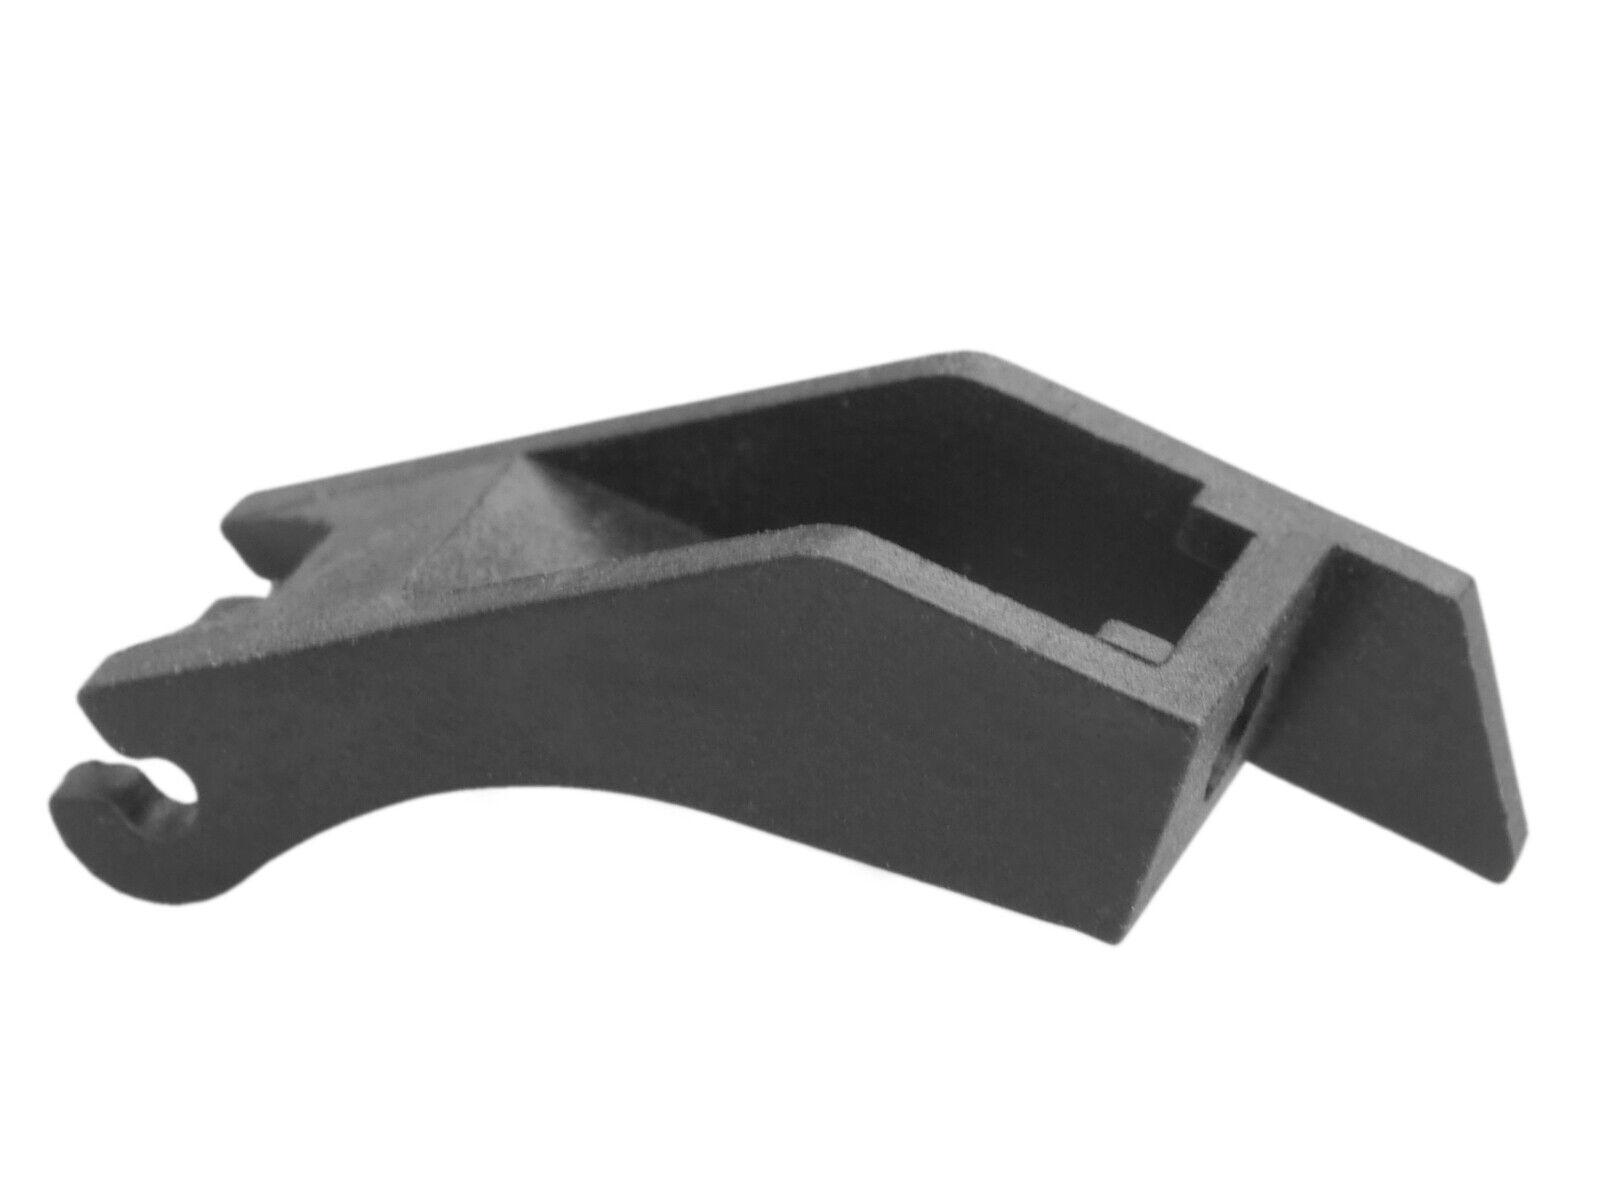 Stutzen für Kurbelwellengehäuse passend für Stihl TS400 Connector